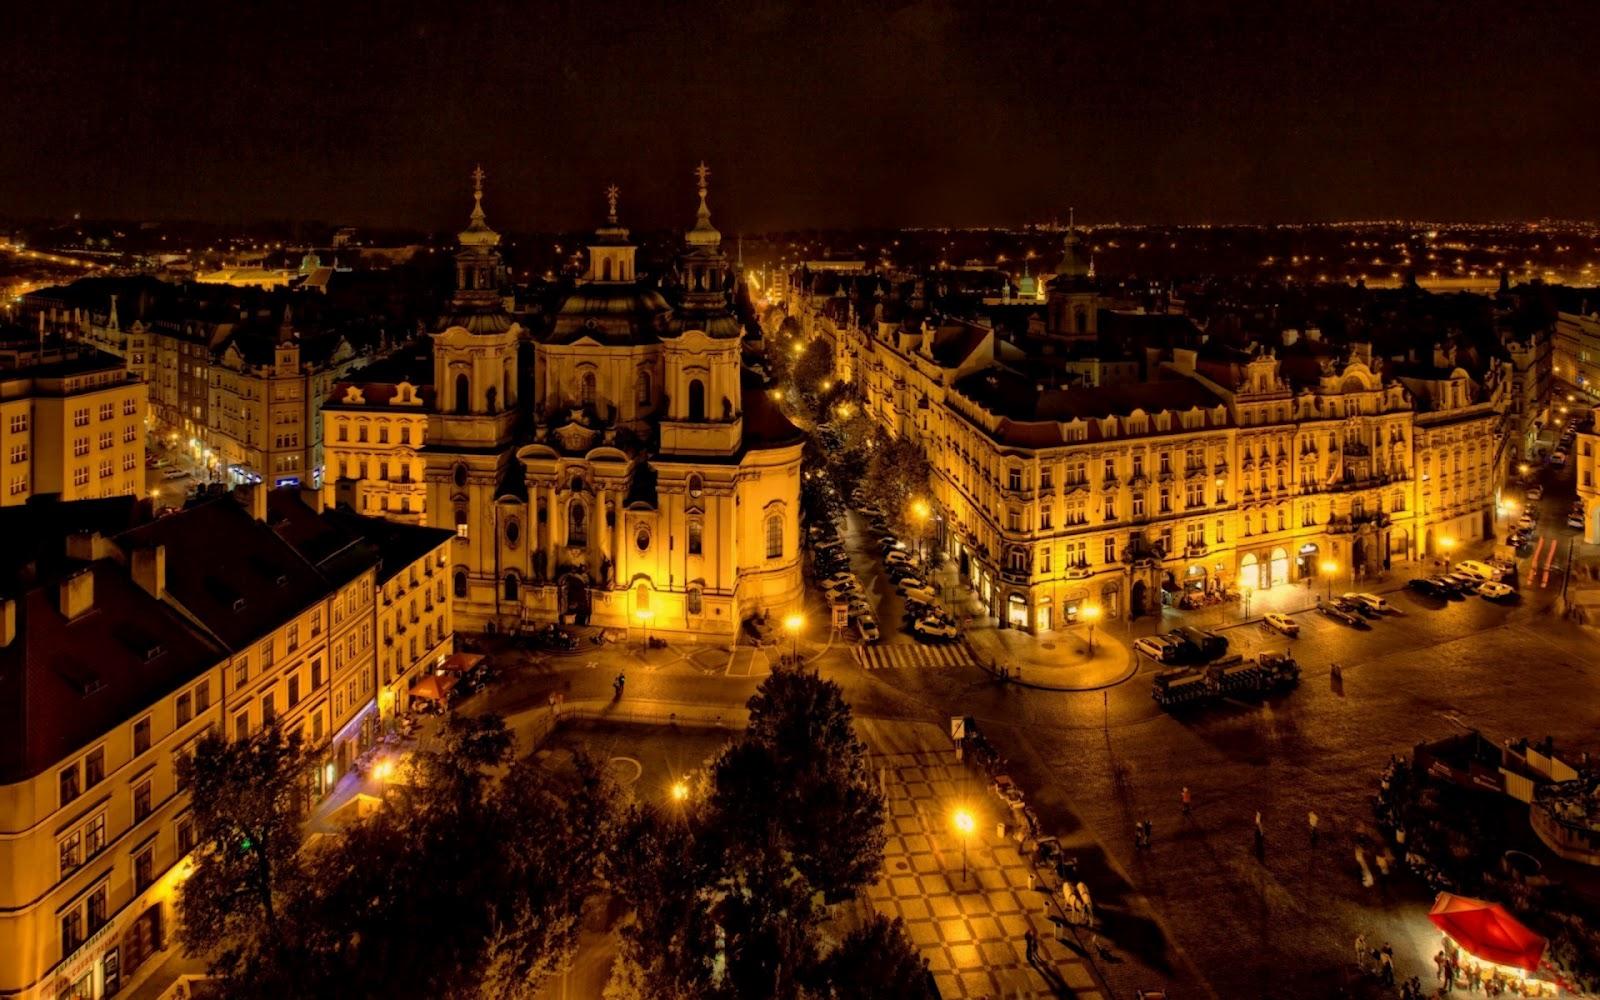 http://2.bp.blogspot.com/-oTLcJInPWHU/T8PSmXEEVTI/AAAAAAAAMDk/QDdQZSjCb4o/s1600/city_lights_praque_1920x1200.jpg